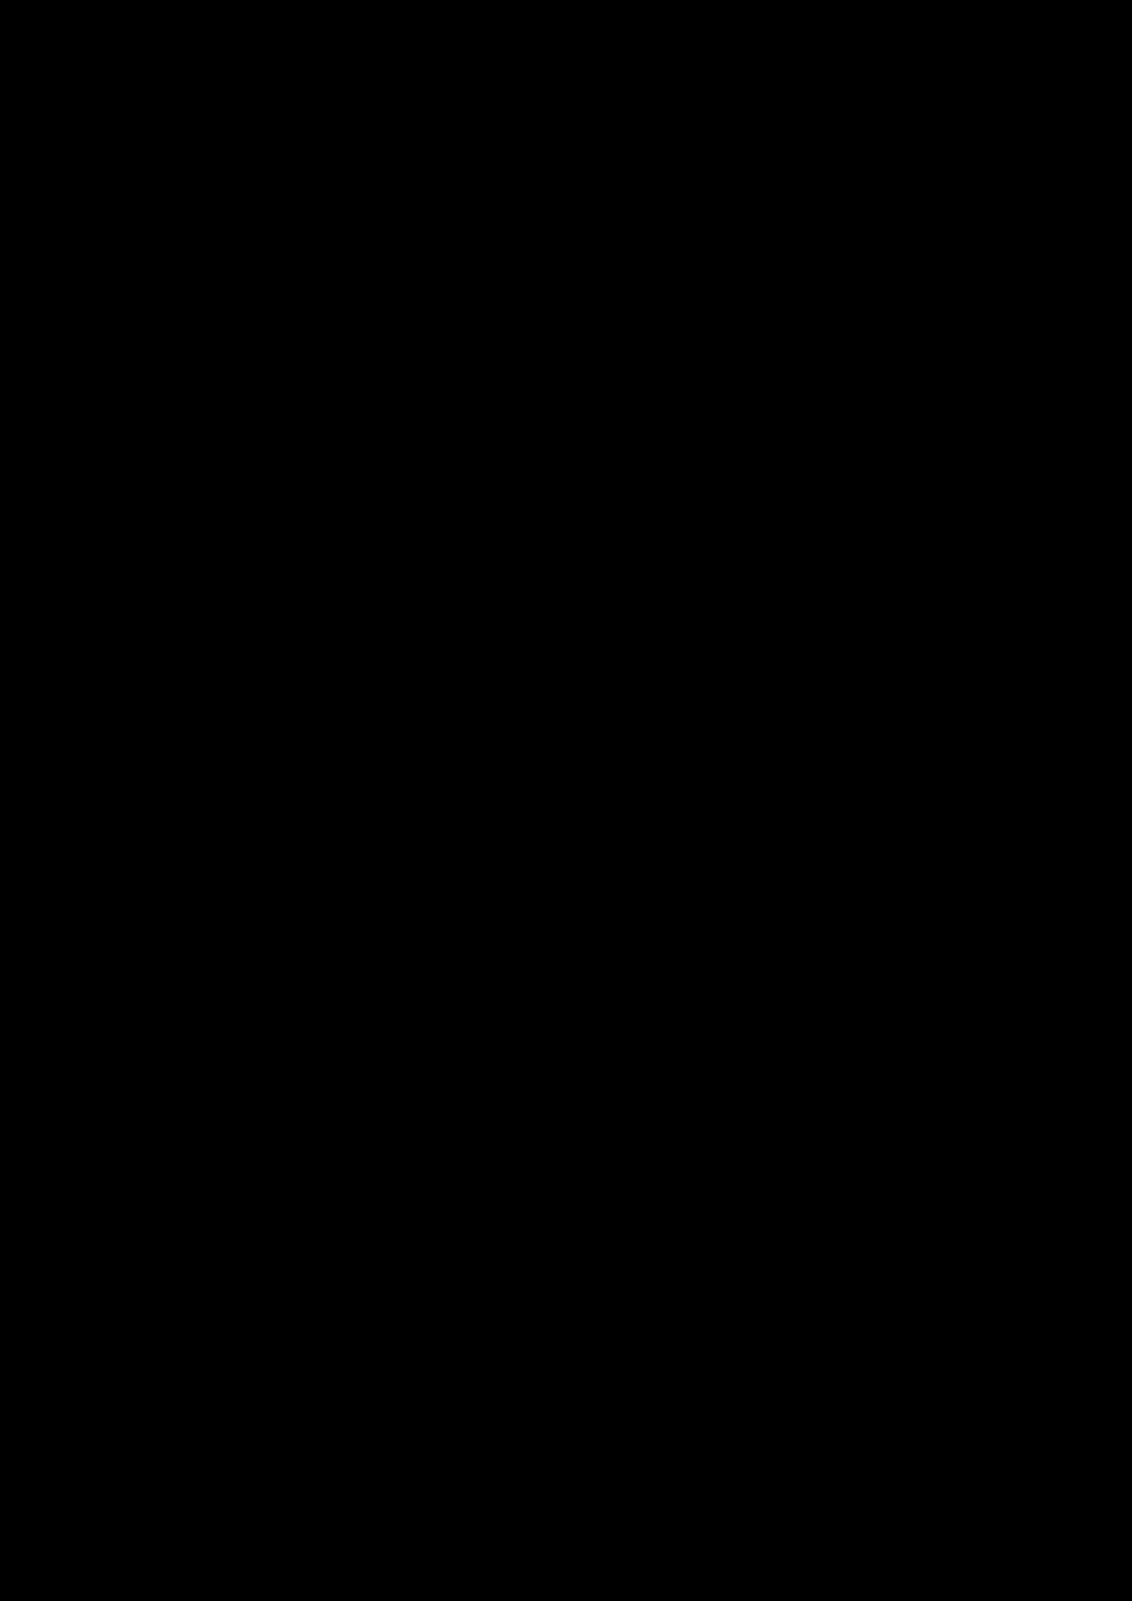 Serdtse slide, Image 10